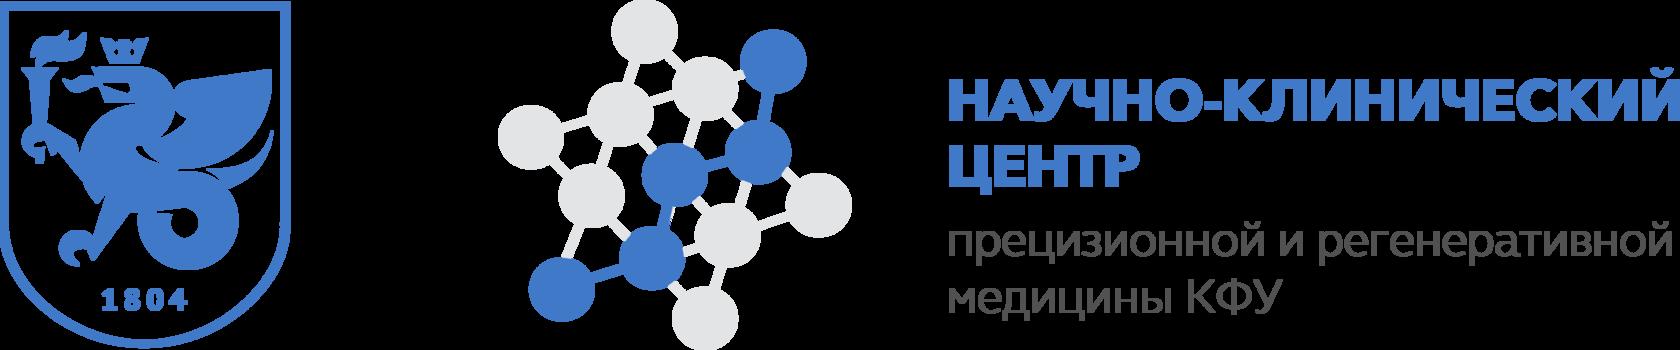 НКЦ КФУ